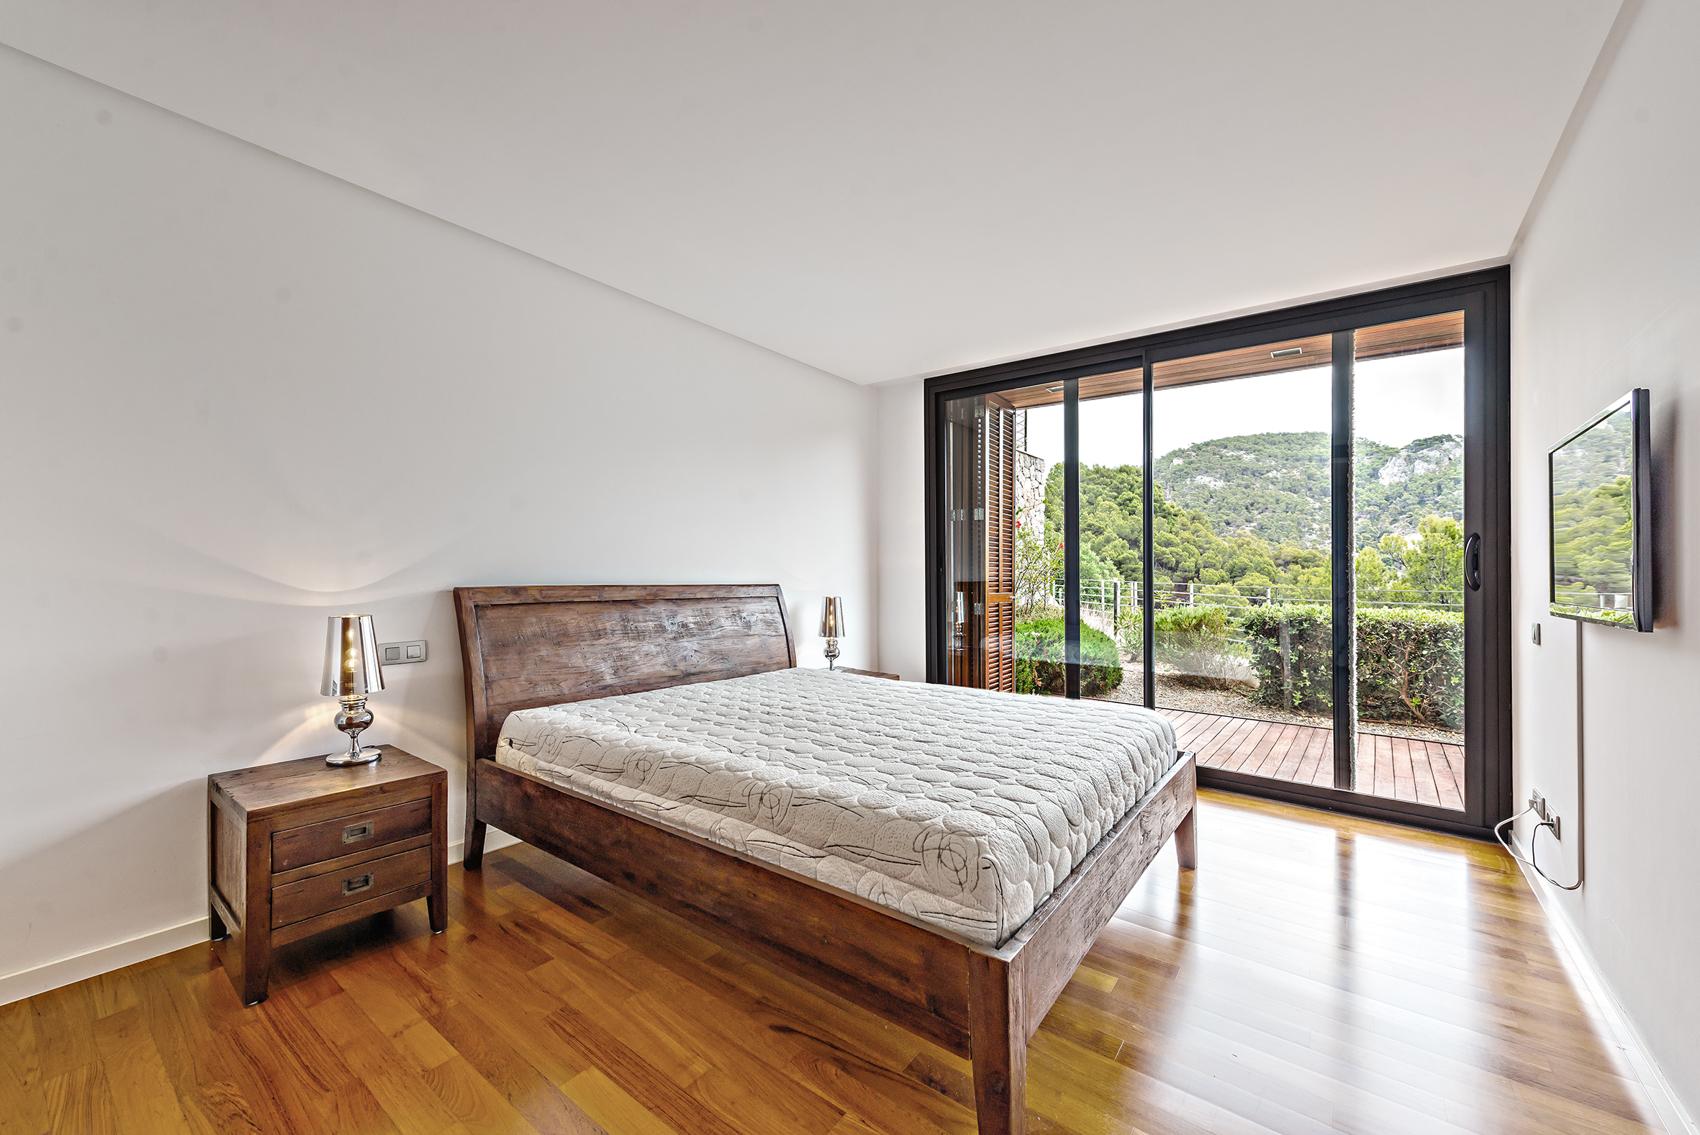 Wohnung Mallorca mit Meerblick kaufen